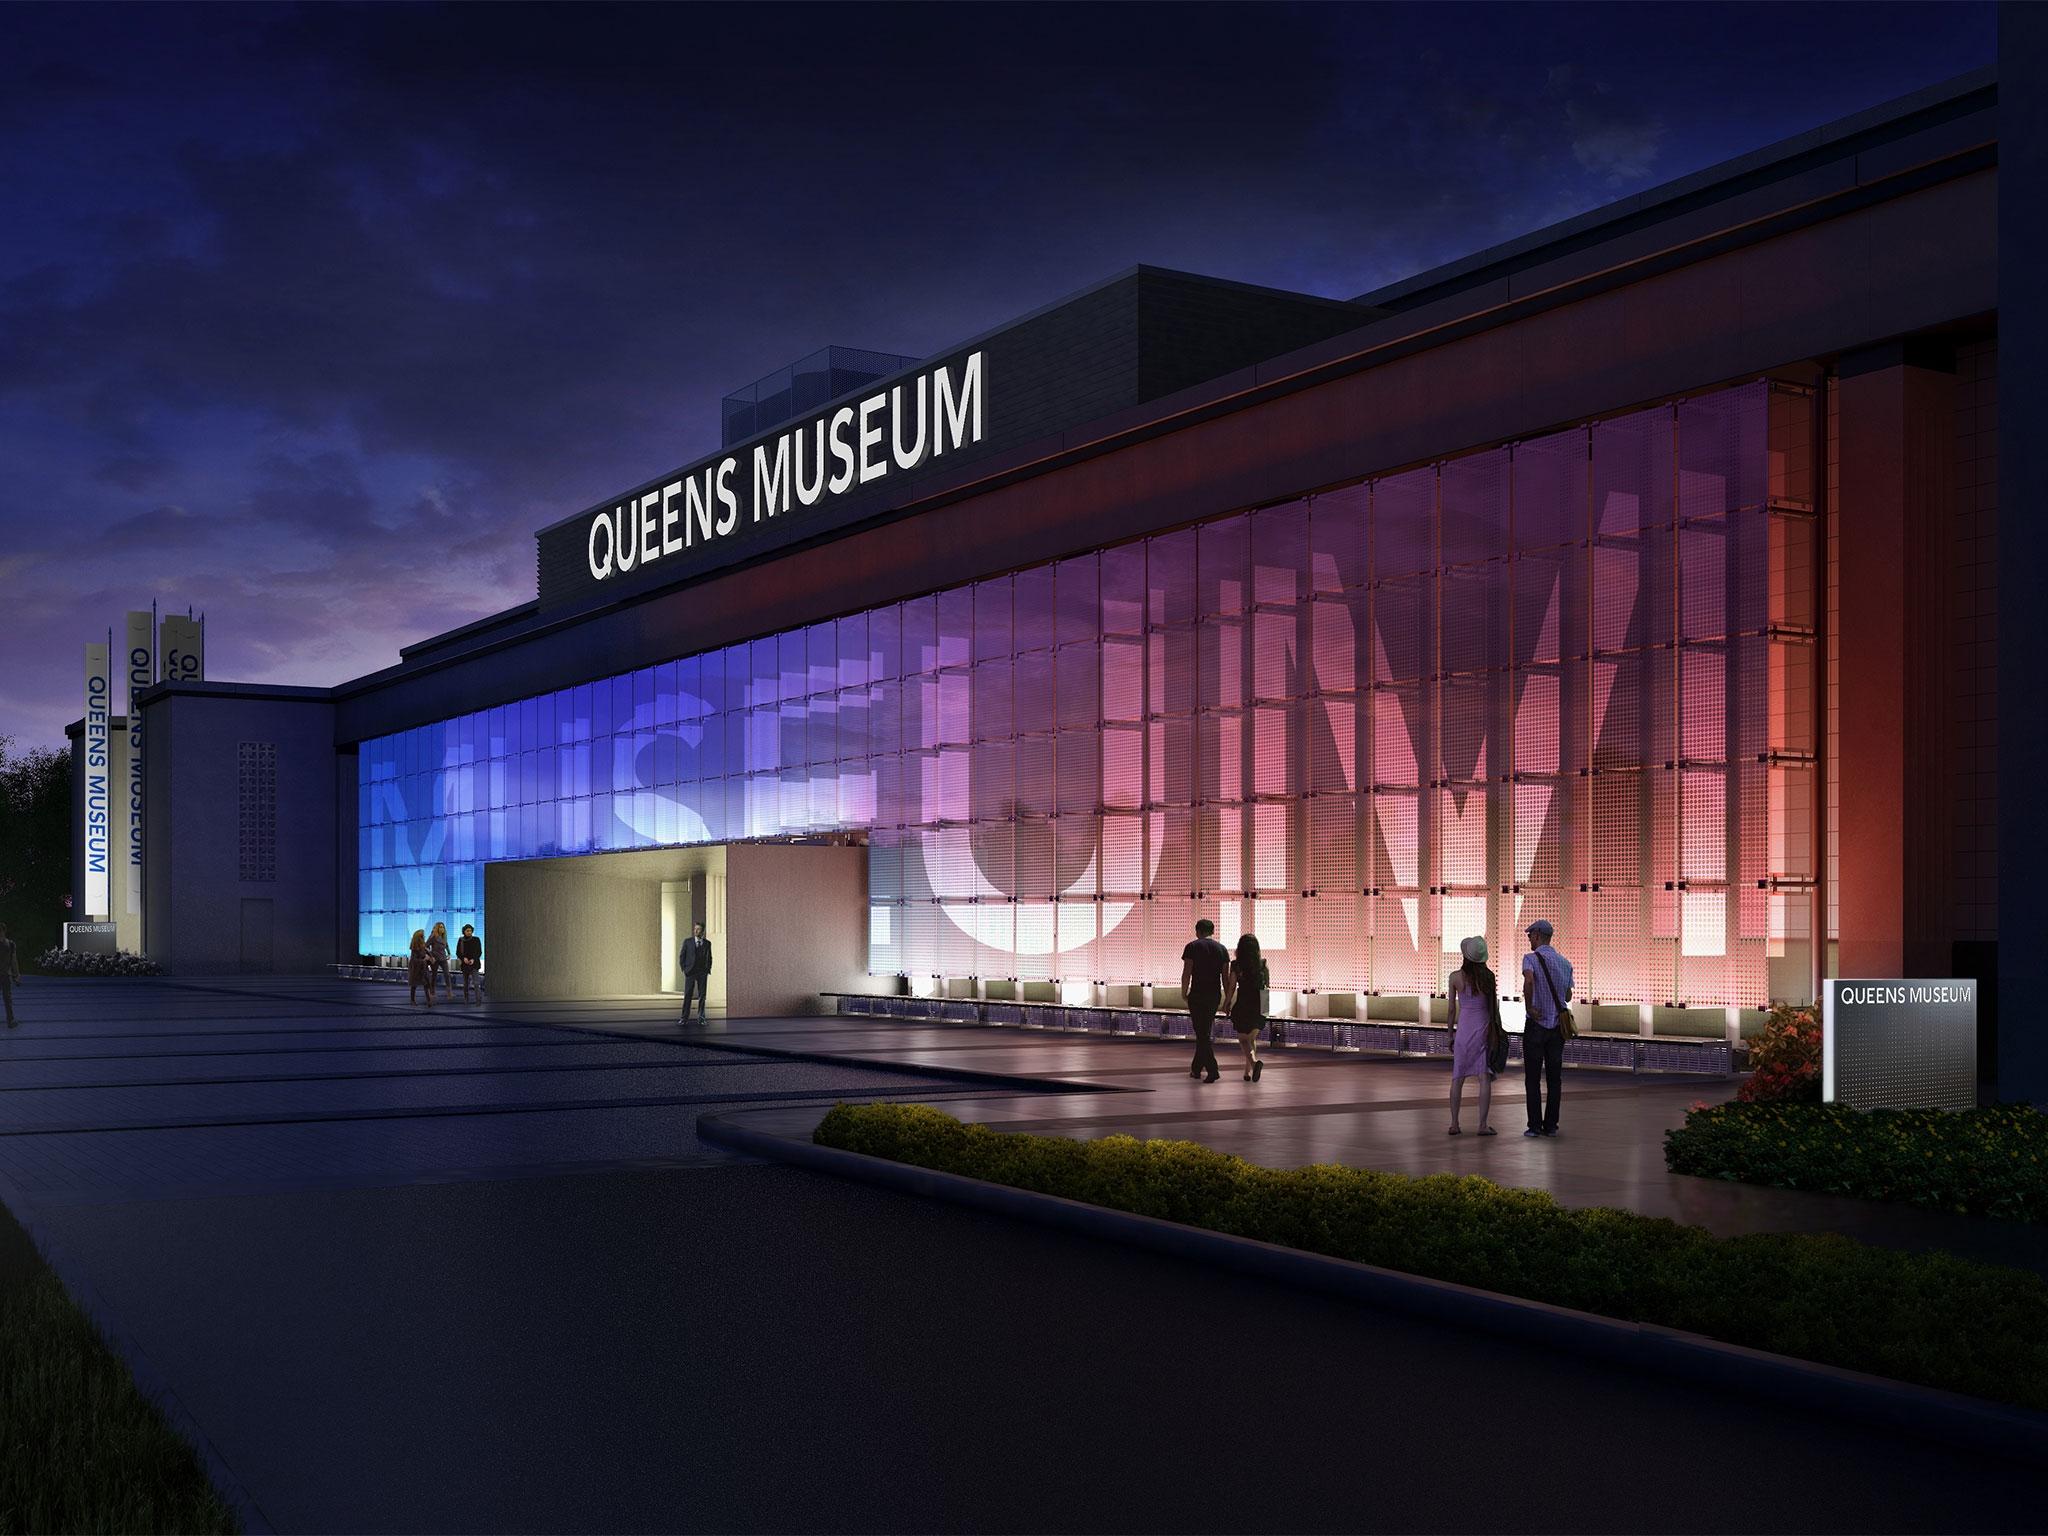 Queens-Museum-night